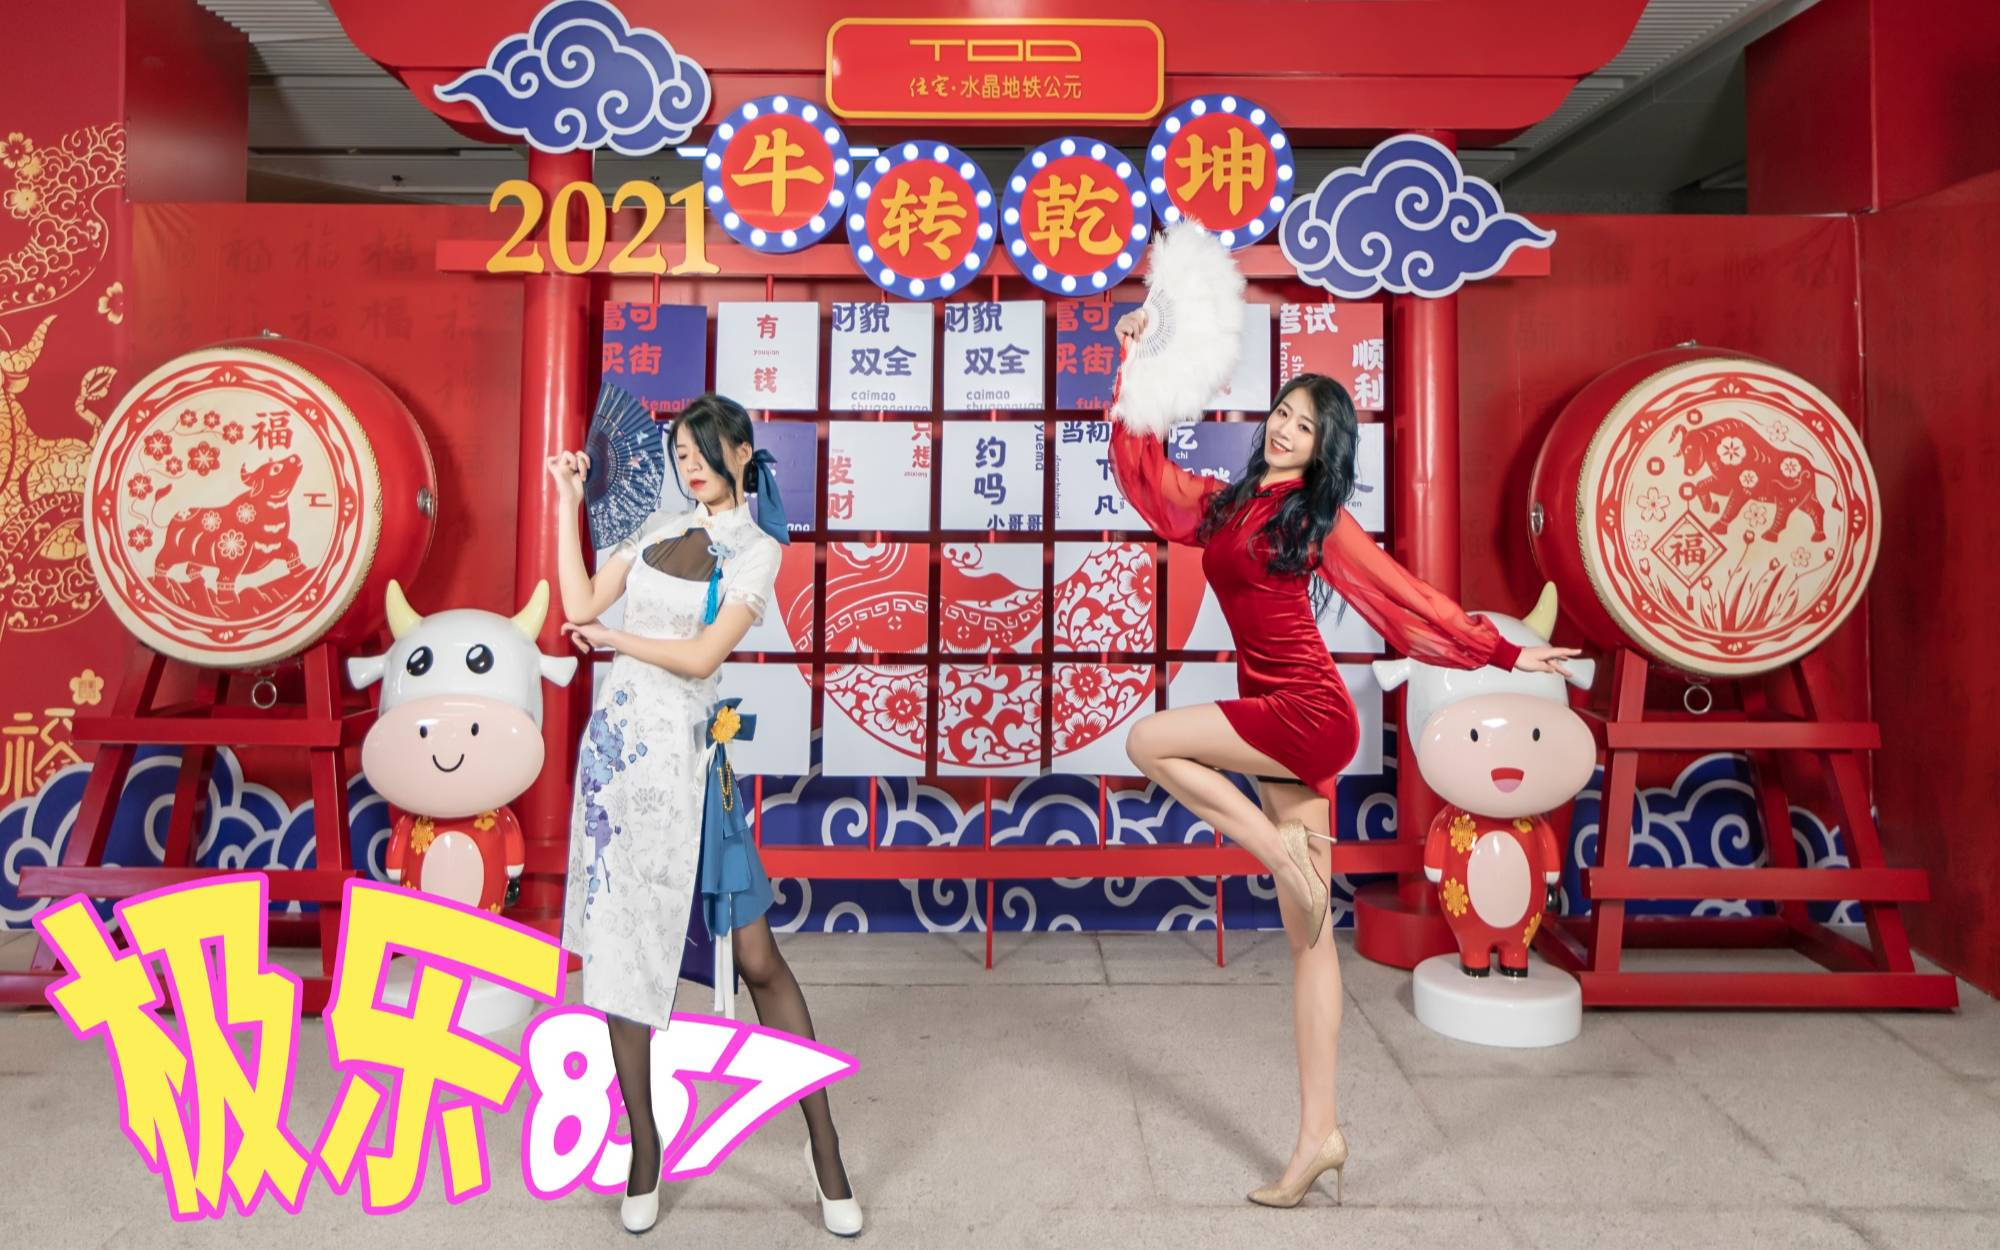 【独家◈子怡】极乐857·原创编舞~又轮到做选择的时候了!